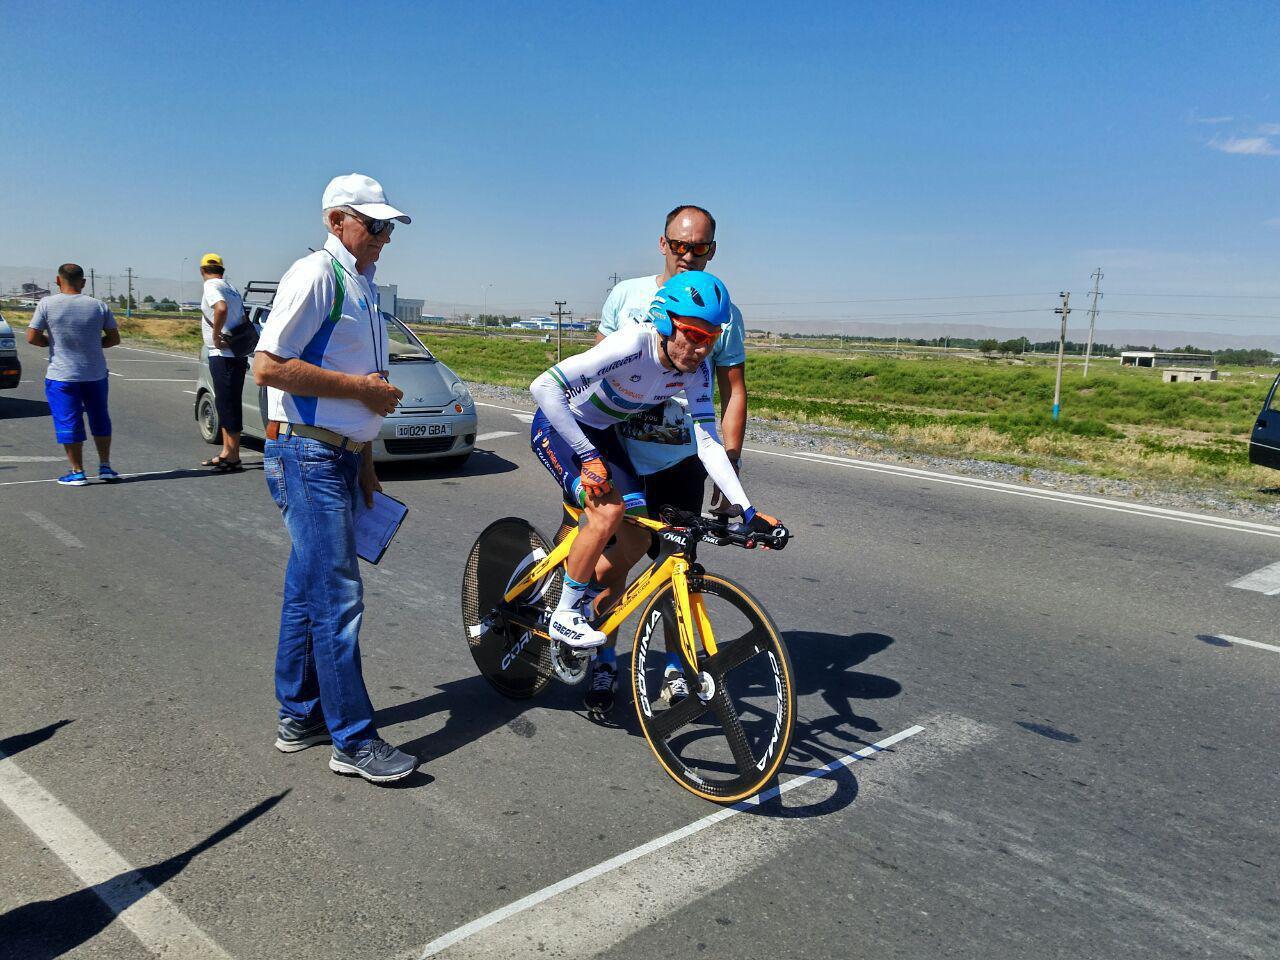 В Узбекистане стартовал Чемпионат по велоспорту на шоссе